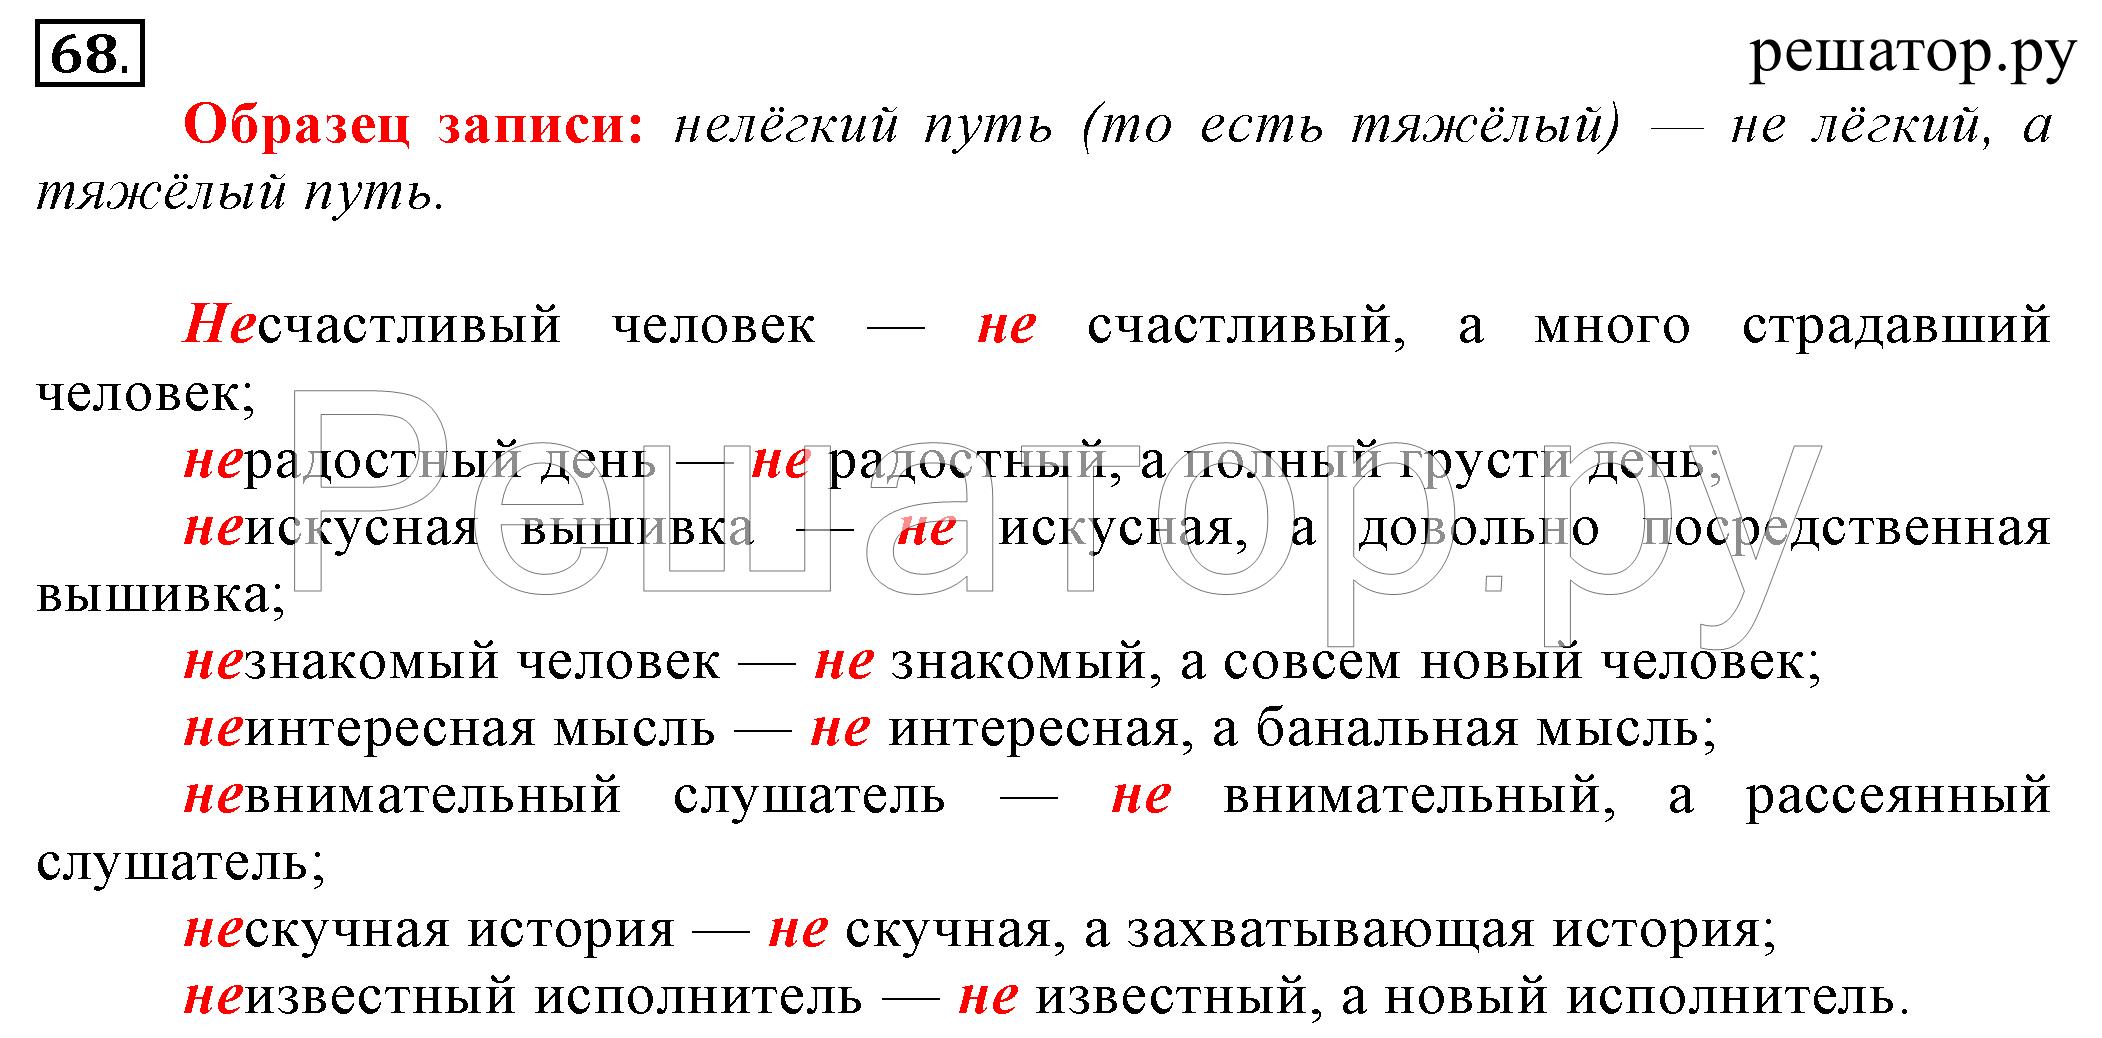 Гдз по русскому языку 6 класс львов львова москва